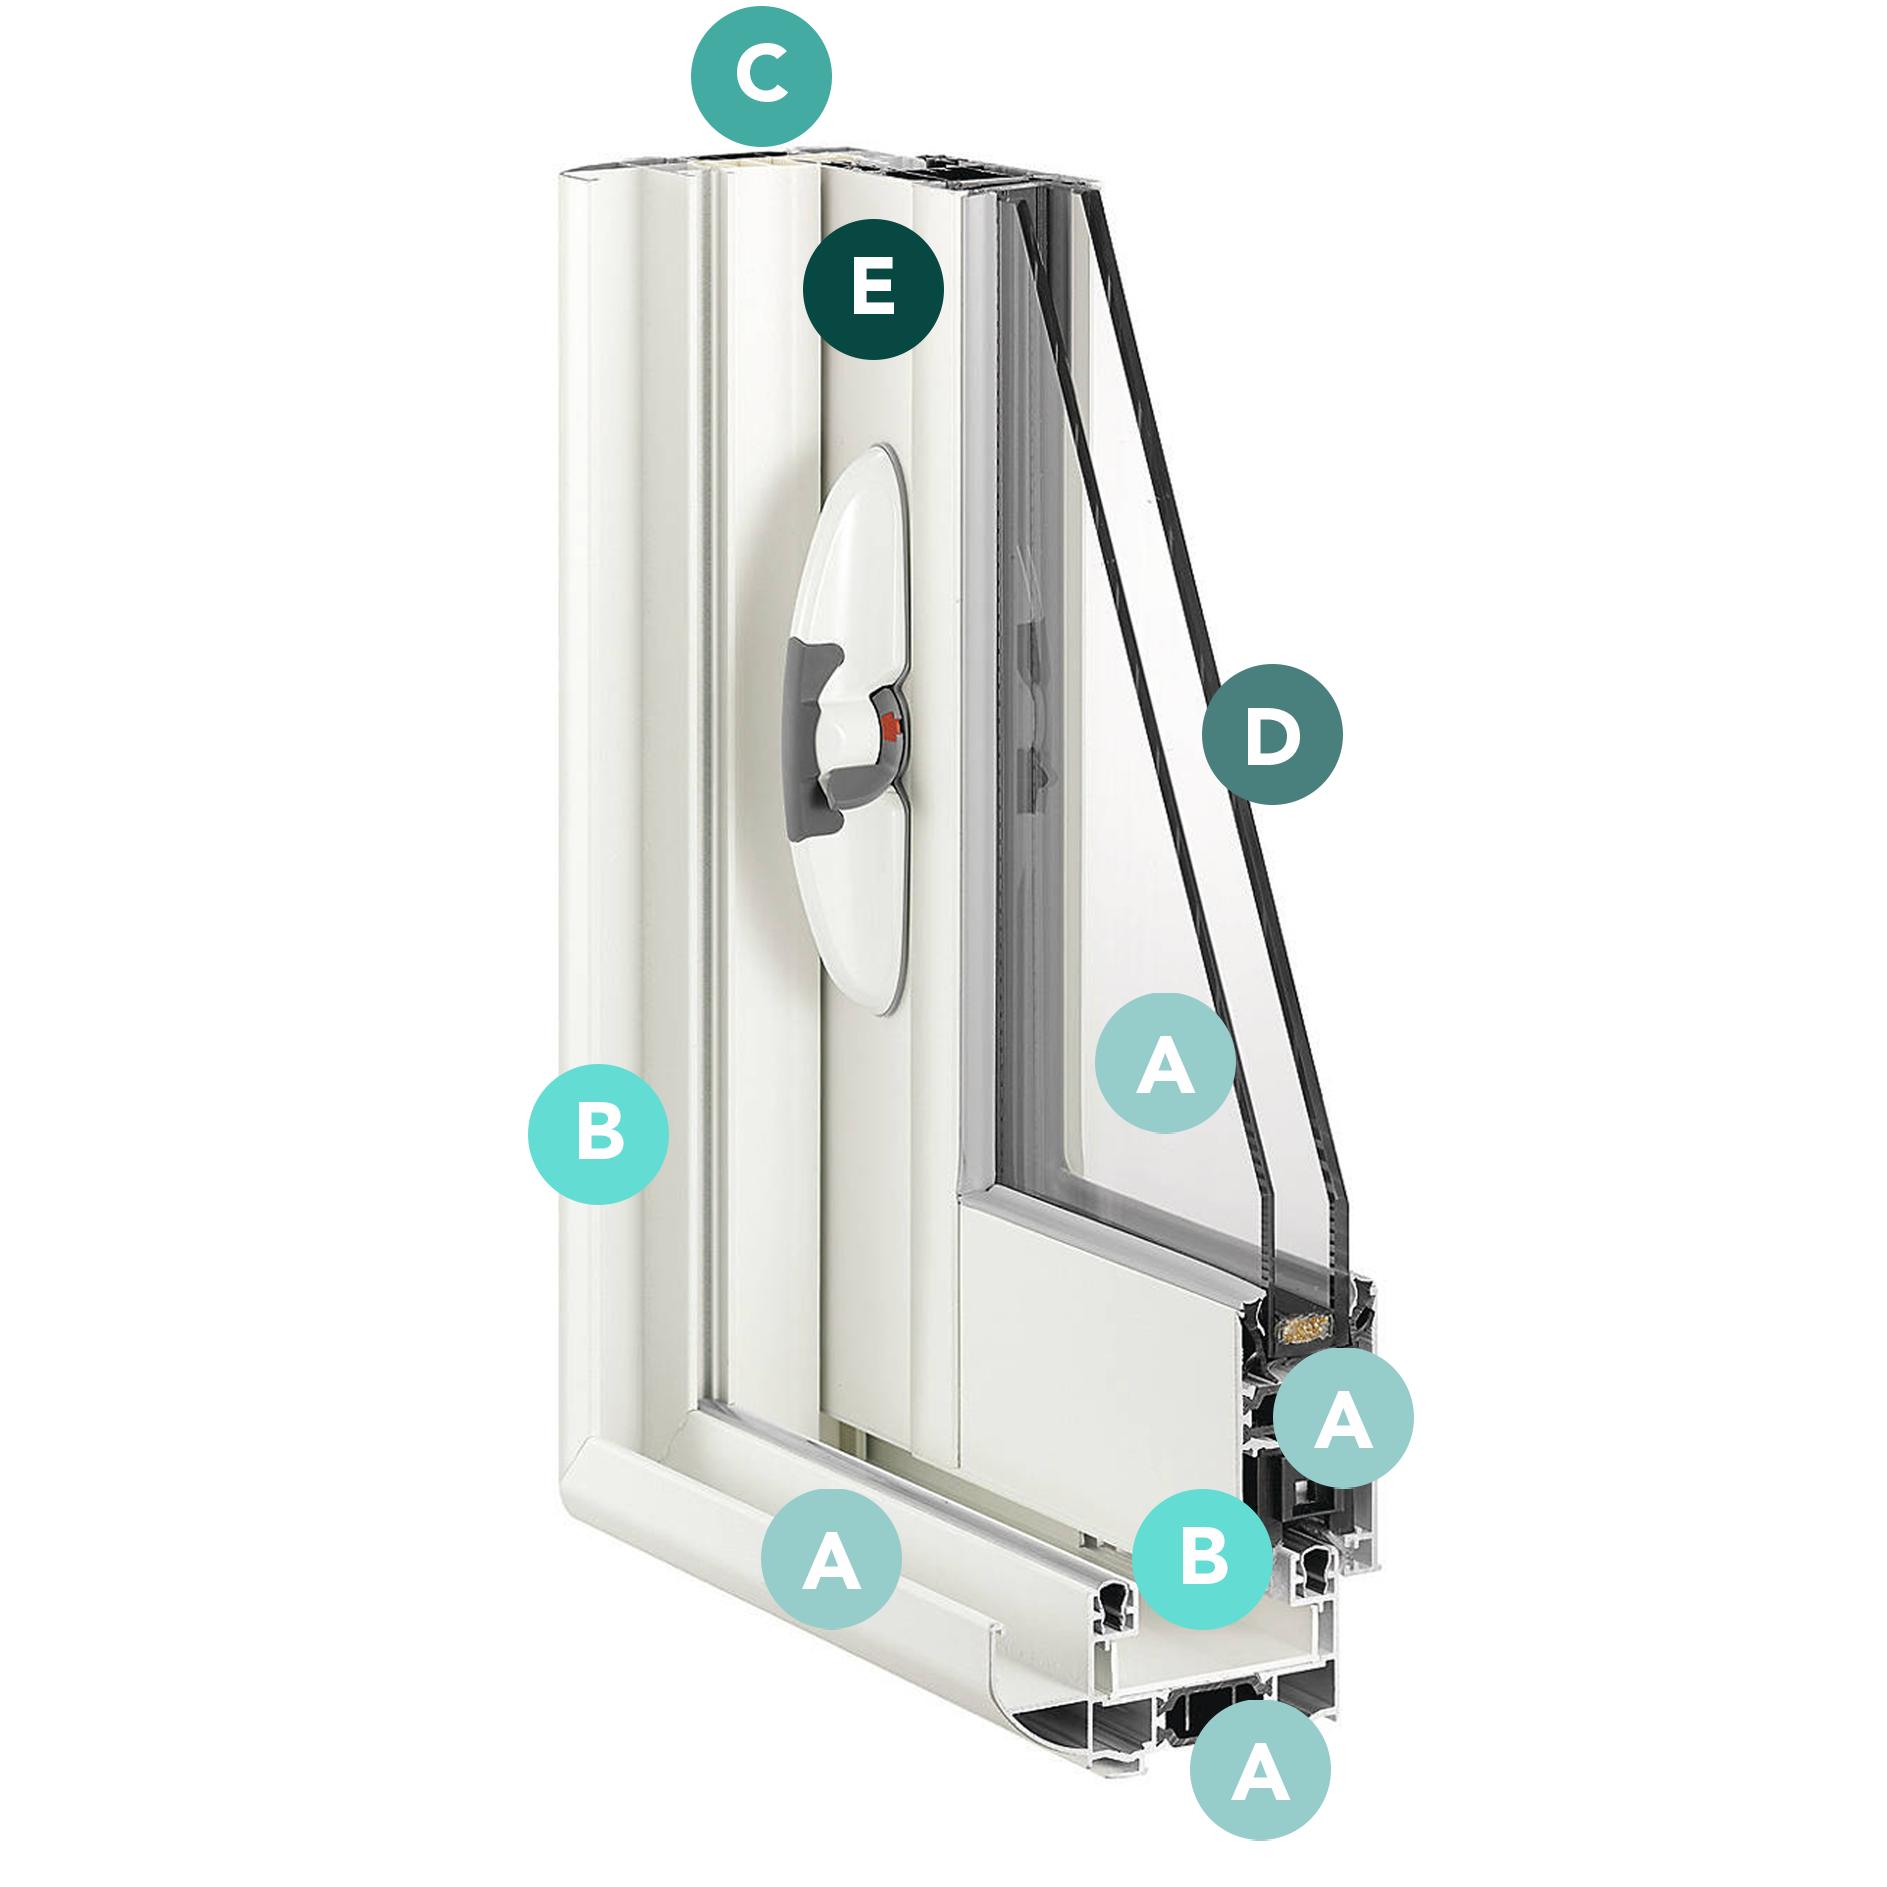 Caractéristiques du modèle Fenêtre coulissante CA80